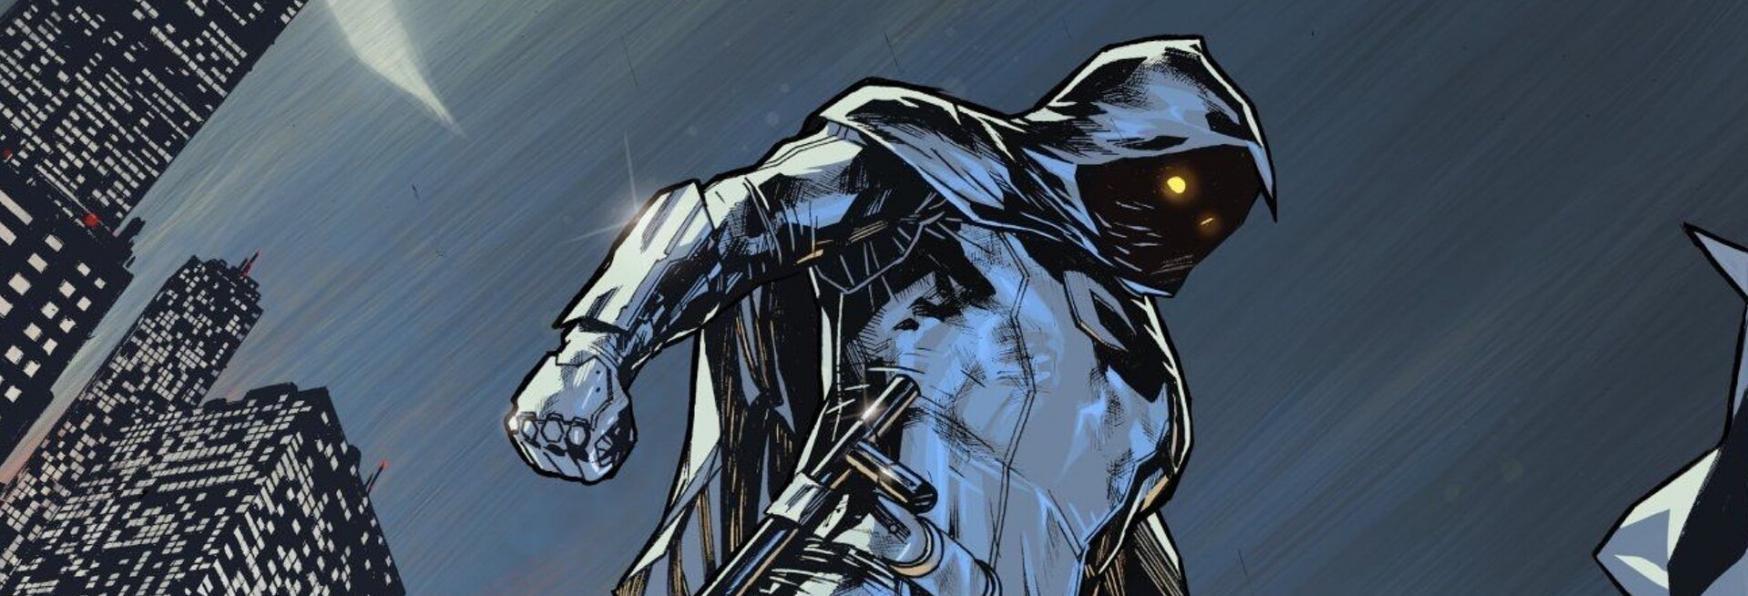 Moon Knight: una Foto del Villain misterioso interpretato da Ethan Hawke